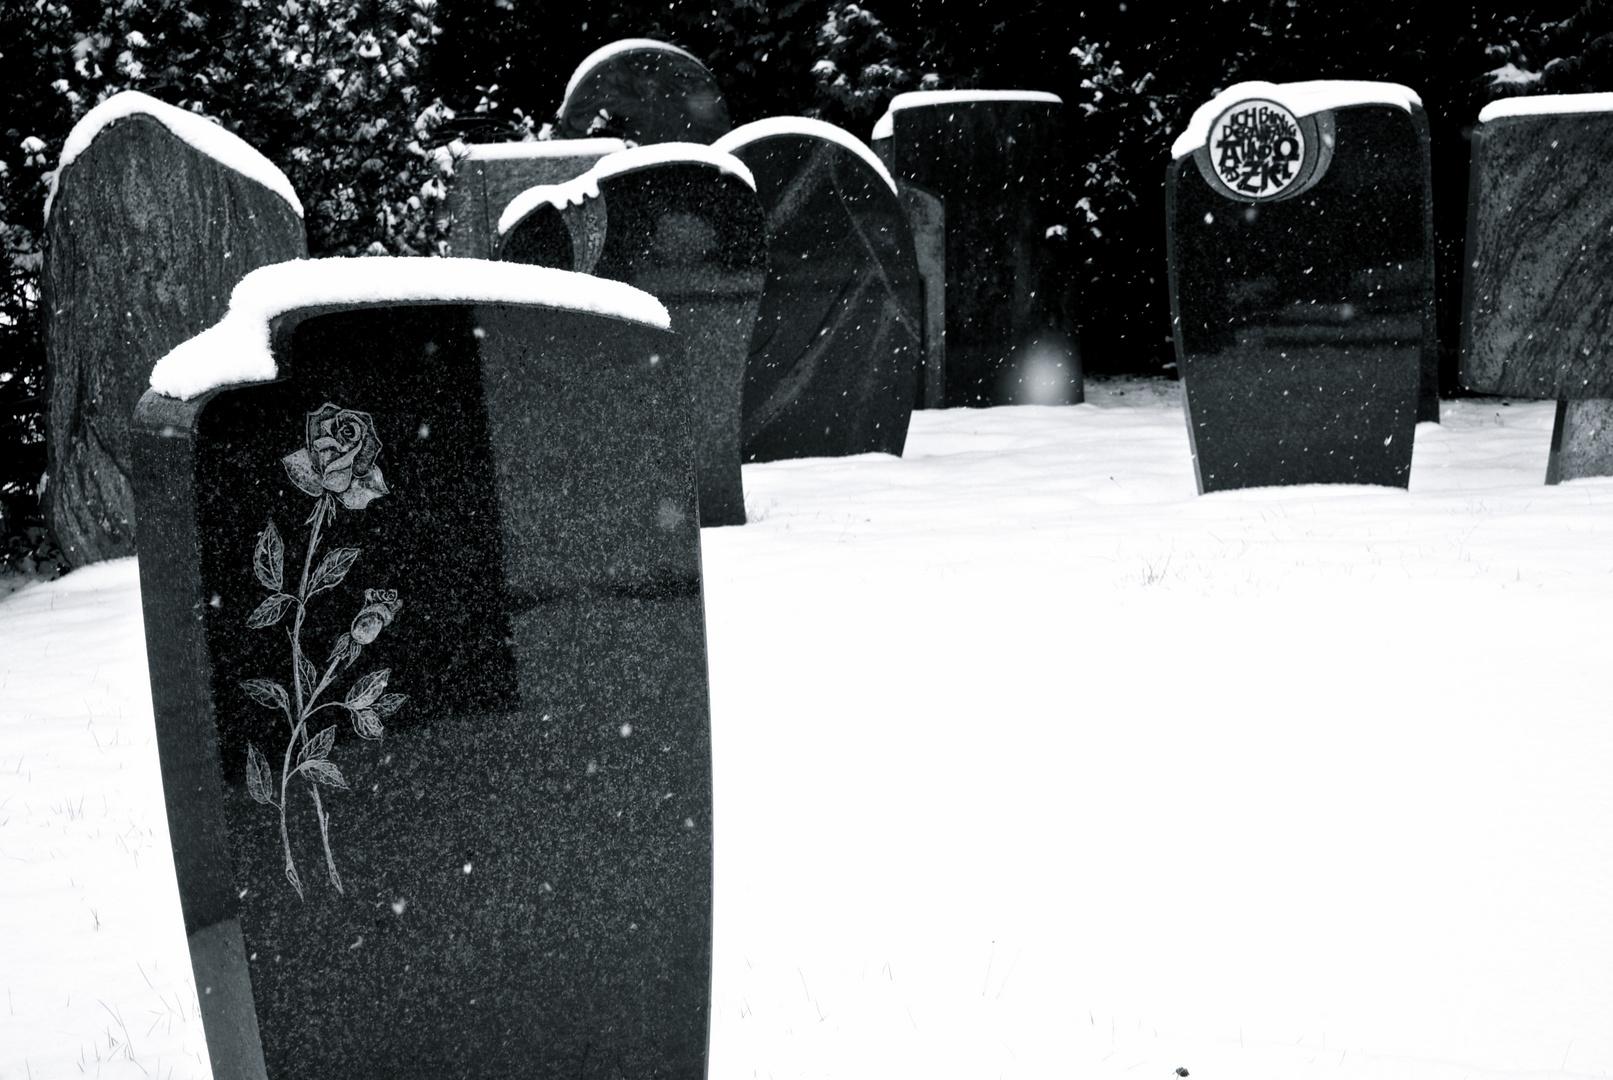 Grabsteine im Schneefall